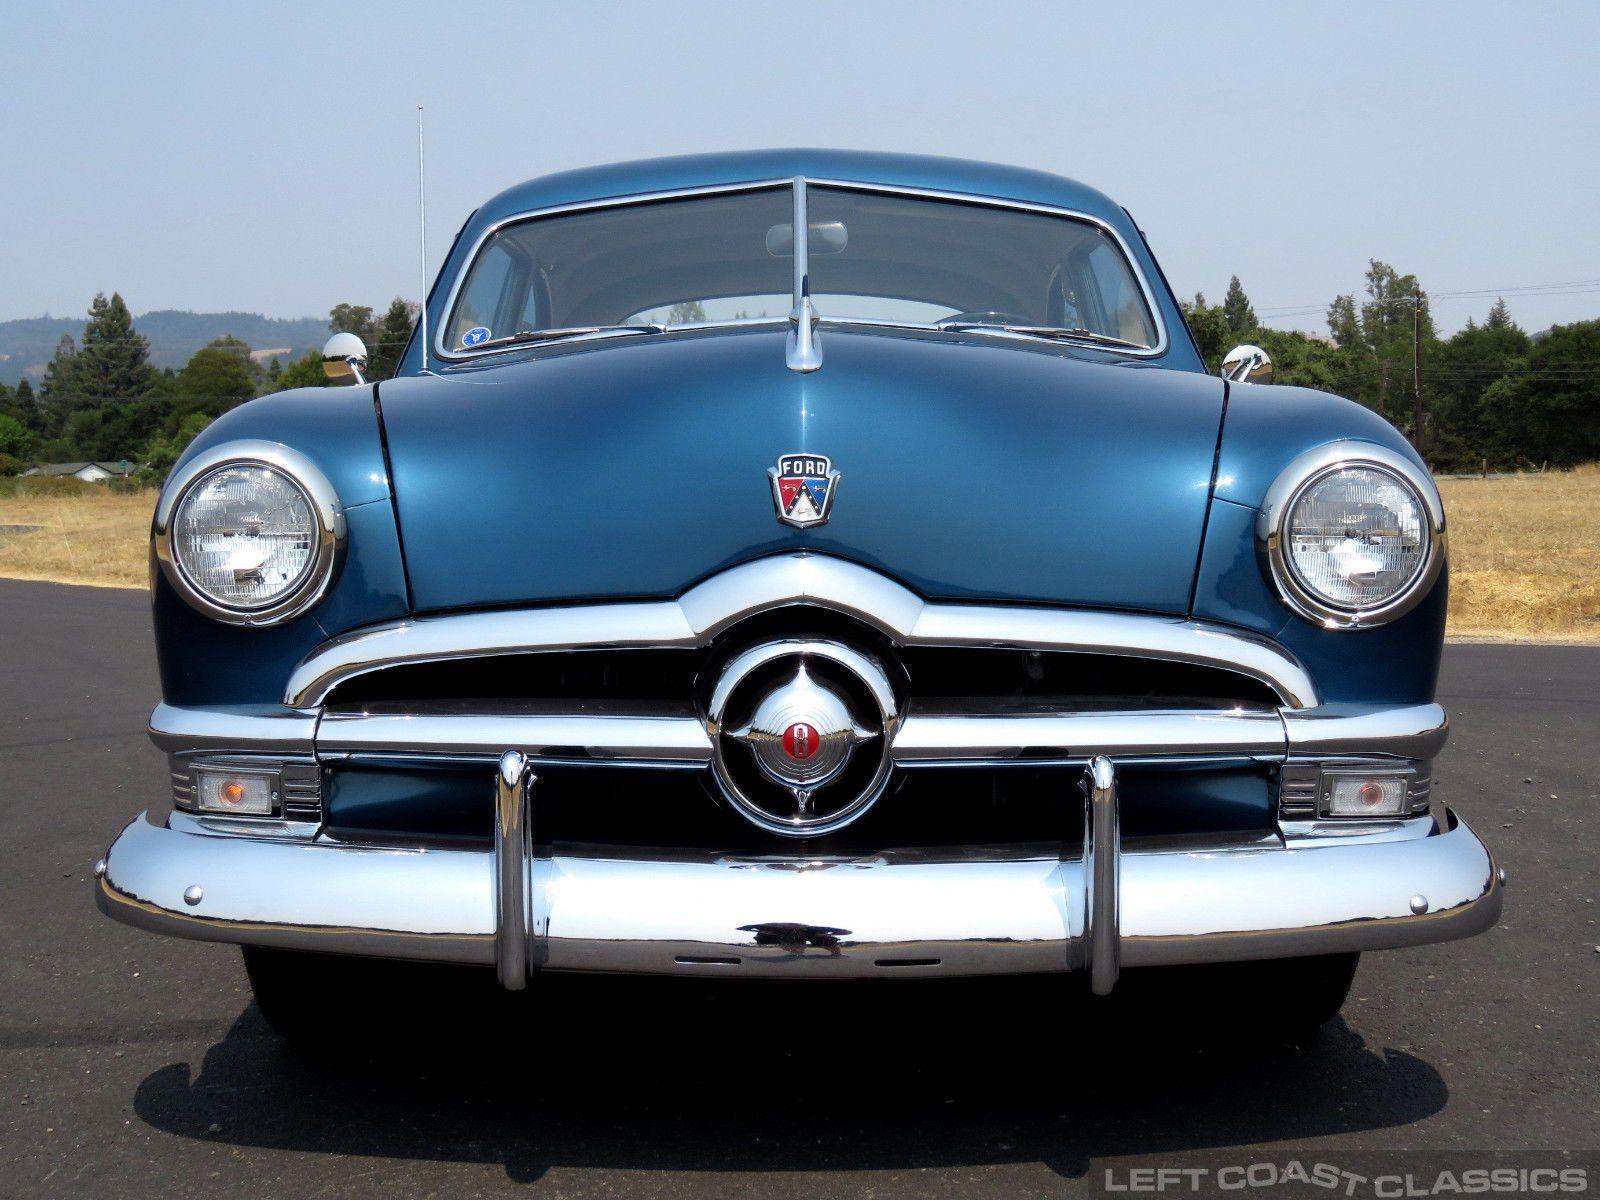 1950 Ford Custom Club Coupe eBay Ford, Bmw classic